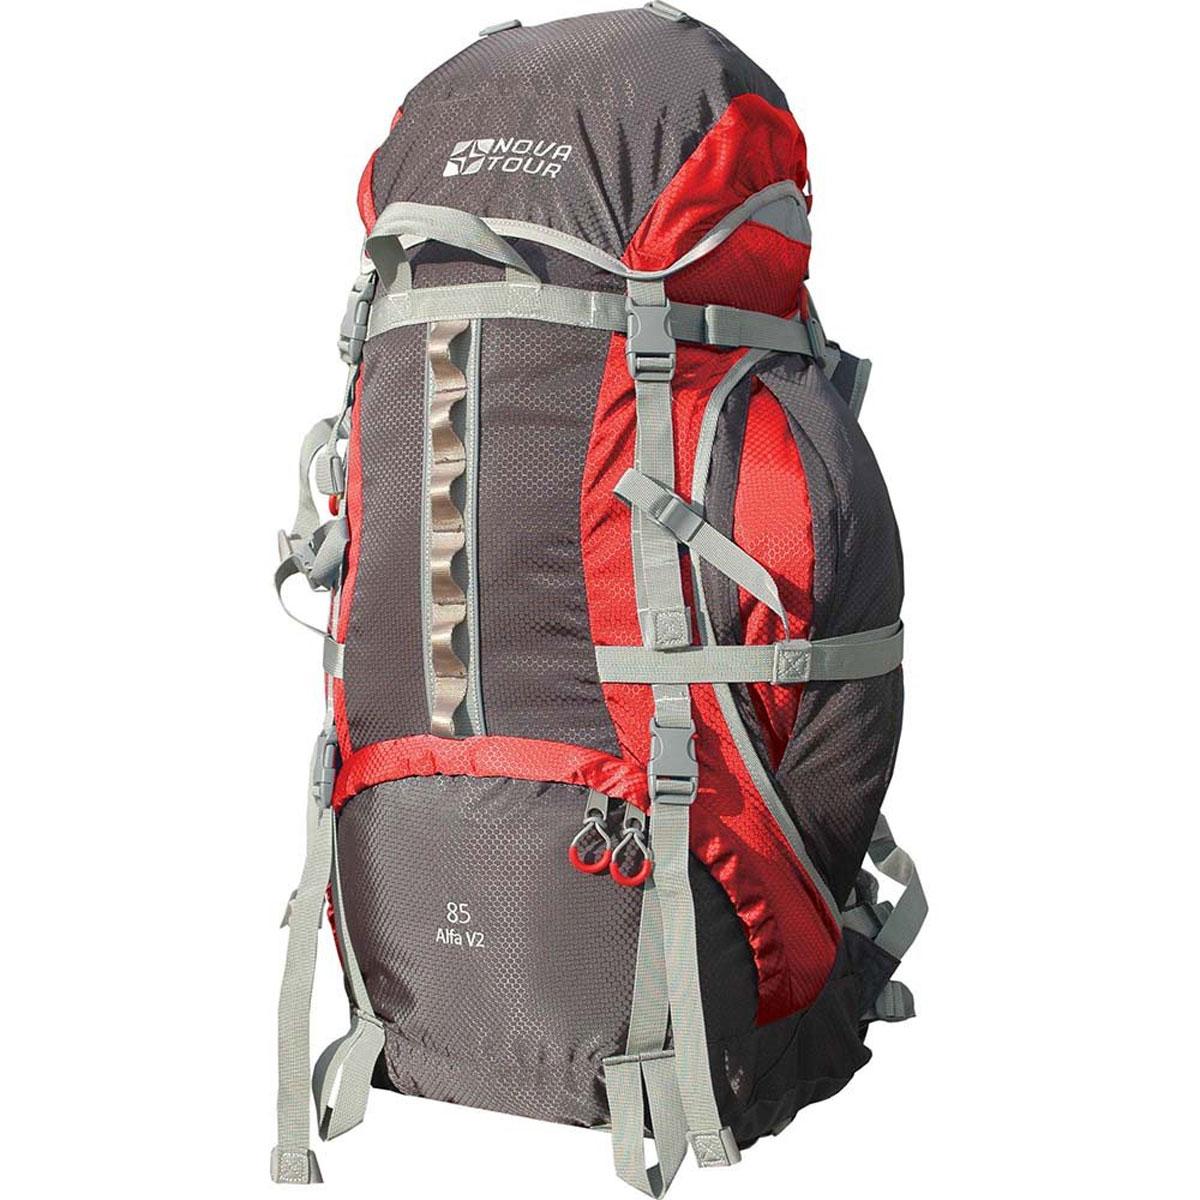 Рюкзак Nova Tour Альфа 85 V2, цвет: серый, красный. 95312-057-0095312-057-00Если вам нравится прыгать с камня на камень или двигаться по узкой горной тропе - этот рюкзак с усиленны-ми стропами специально для вас. Ваша спина будет благодарна за правильно распределяющую вес на плечи и пояс и уменьшающую нагрузку на позвоночник подвесную систему. Теперь доступ к нужным в дневном переходе вещам стал проще благодаря двум вместительным боковым карманам. Если их мало, то на дне рюкзака имеется удобное крепление для габаритных вещей (палатки). Для большего удобства крепления горного инвентаря разработана новая система навески. Если нужно что-то достать со дна рюкзака воспользуйтесь удобным нижним входом. В горах погода переменчива, может внезапно пойти дождь, но вещи всегда будут оставаться сухими, с идущим в комплекте гермочехлом в потайном кармане, на дне рюкзака. На концах боковых стяжек имеются липучки для закрепления излишков стропы.Особенности:Подвеска: ABS V2;Ткань: Poly Oxford 600D PU RipStop;Защитный чехол;Узлы крепления горного снаряжения;Грудная стяжка;Фурнитура Nifco;Светоотражающий кант;Закрепка;Объем: 85 литров.